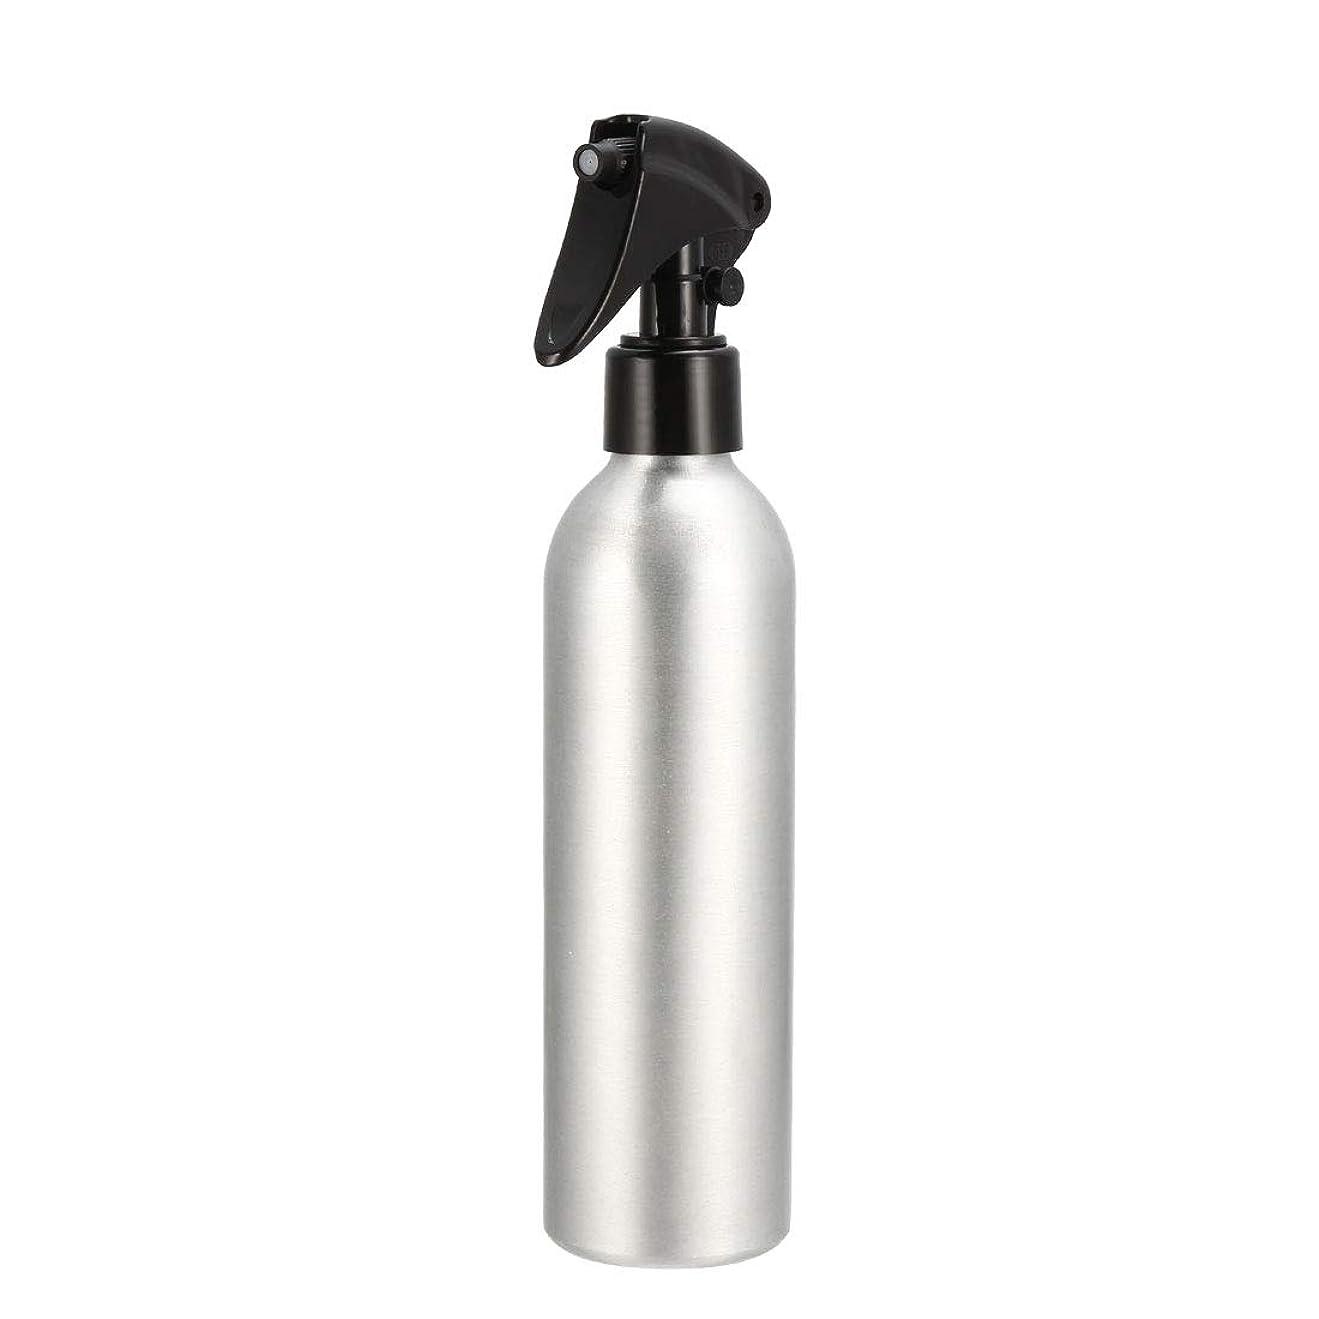 頑丈散歩に行く塩辛いuxcell uxcell アルミスプレーボトル ファインミストスプレー付き 空の詰め替え式コンテナ トラベルボトル 8.5oz/250ml